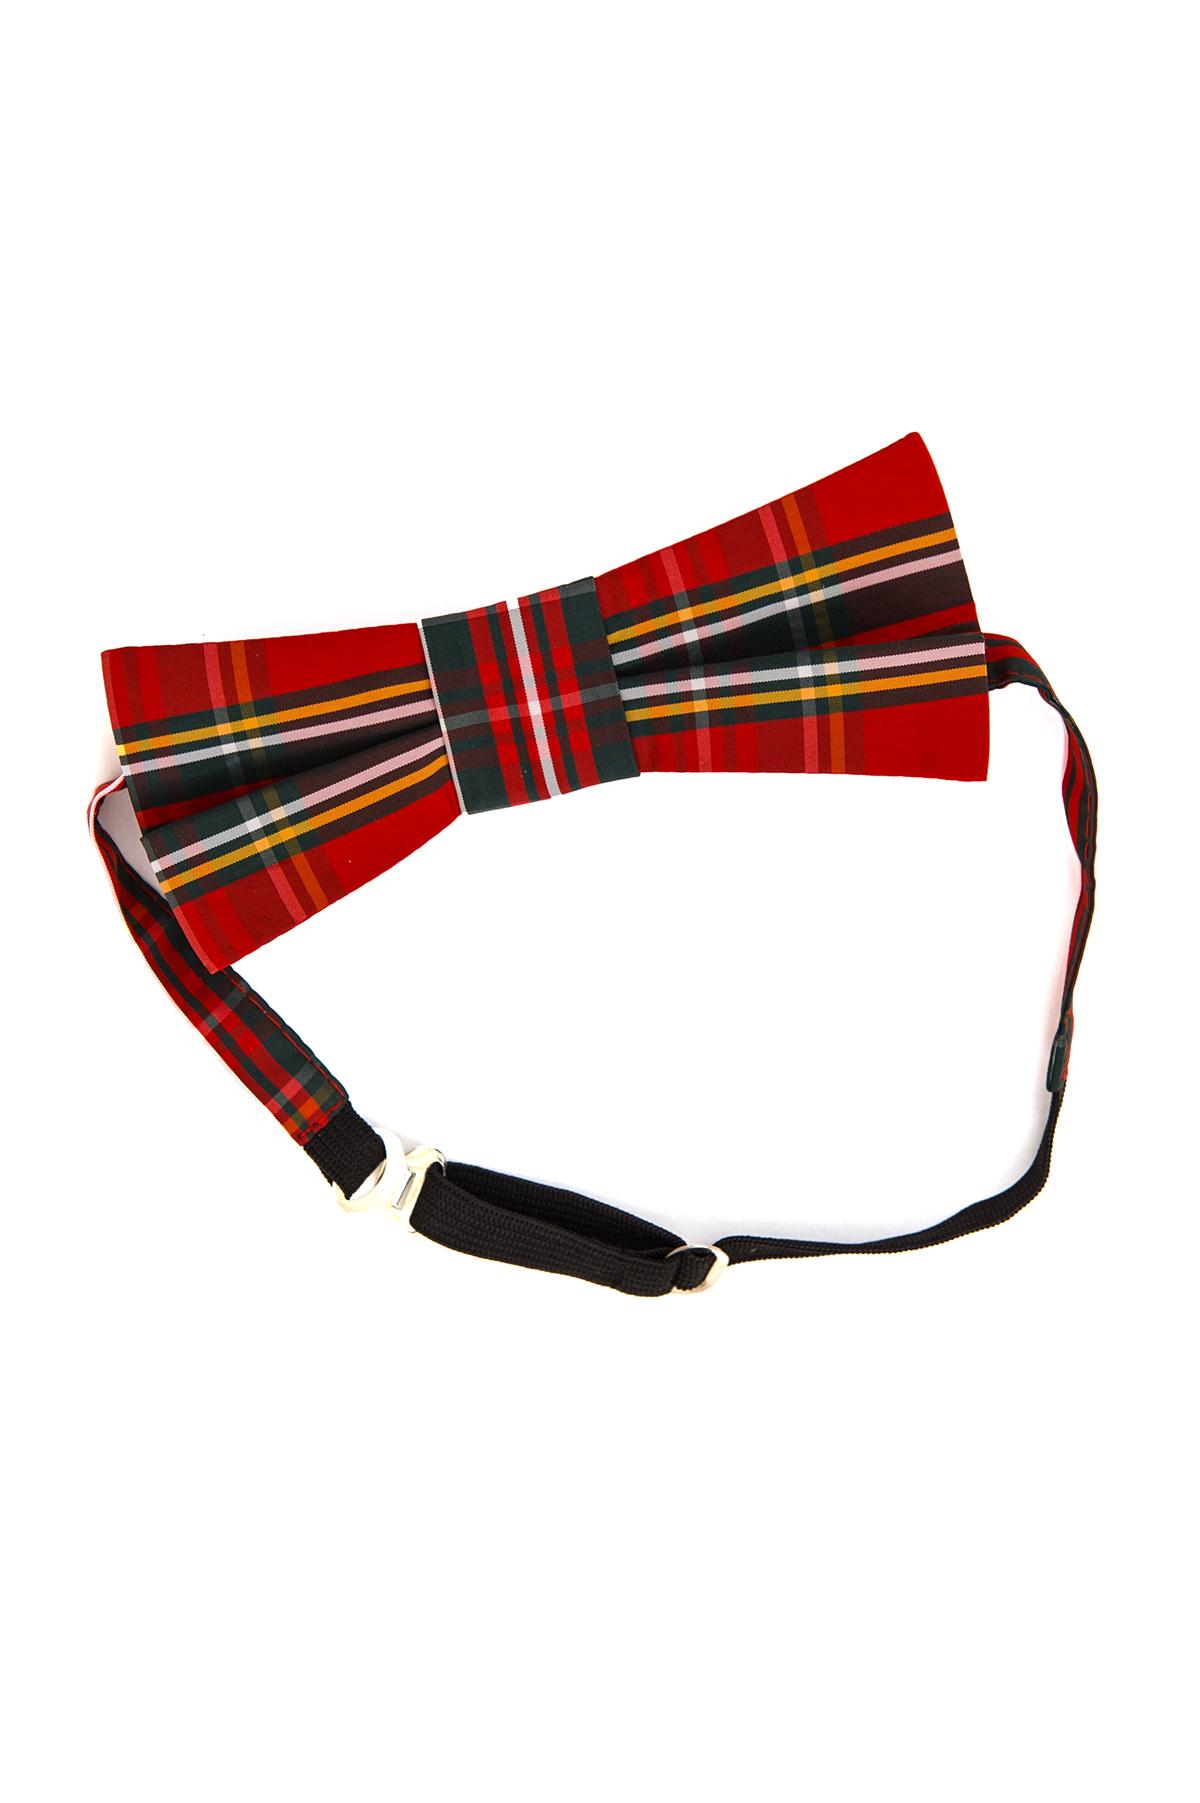 Галстук-бабочкаАксессуары <br>Экстравагантный галстук-бабочка - очень стильный аксессуар, который поможет создать Вам незабываемый потрясающий образ.<br><br>Цвет: красный<br>Состав: 100% полиэстер<br>Страна дизайна: Россия<br>Страна производства: Россия